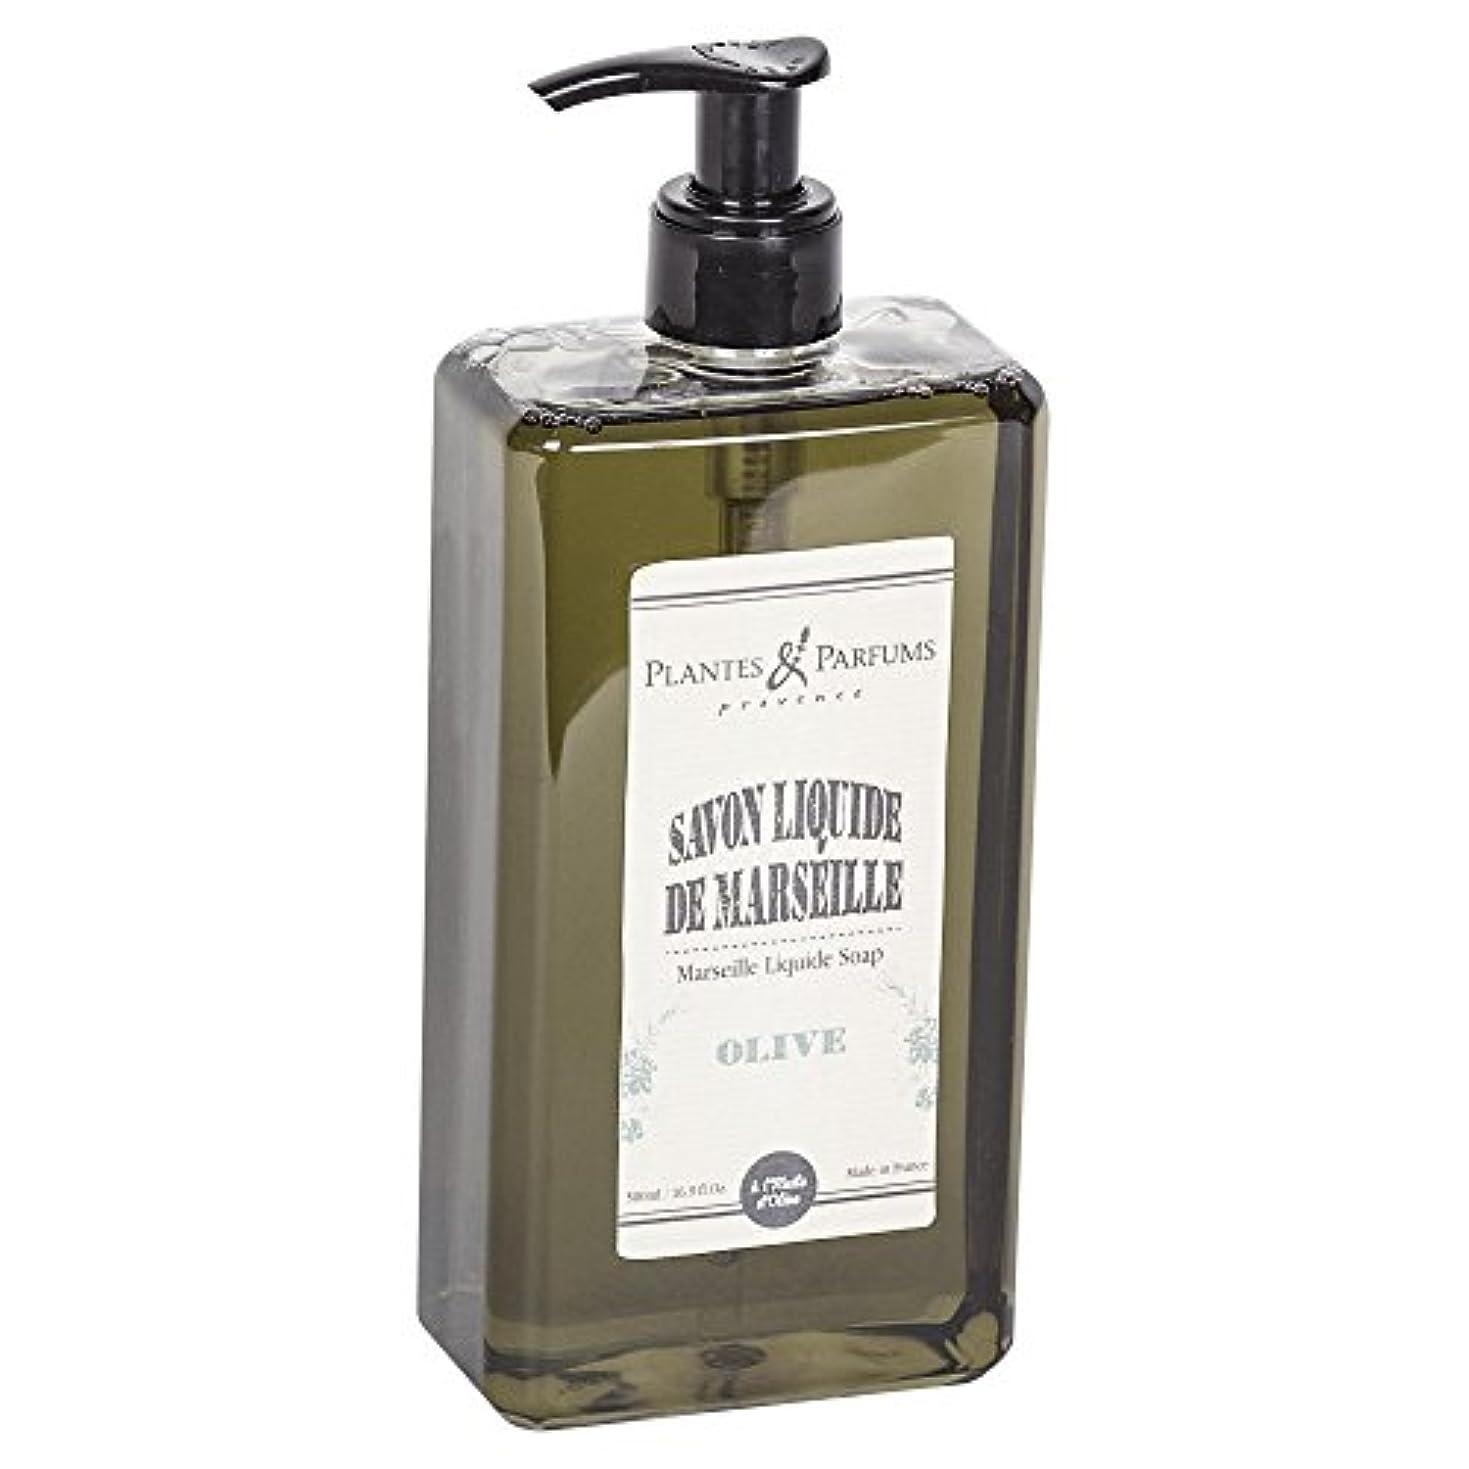 Plantes&Parfums [プランツ&パルファム] マルセイユリキッドソープ オリーブ